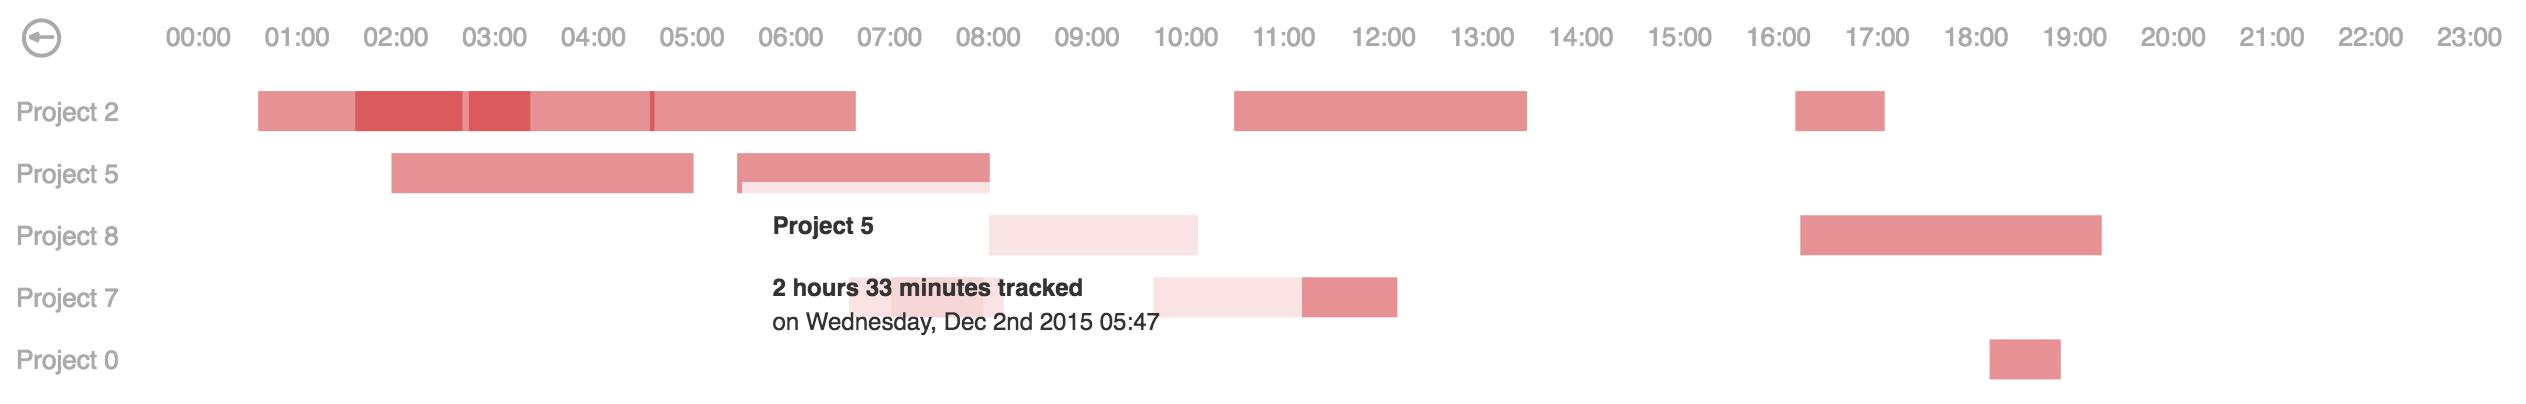 Angular directive for d3.js calendar heatmap chart - day overview